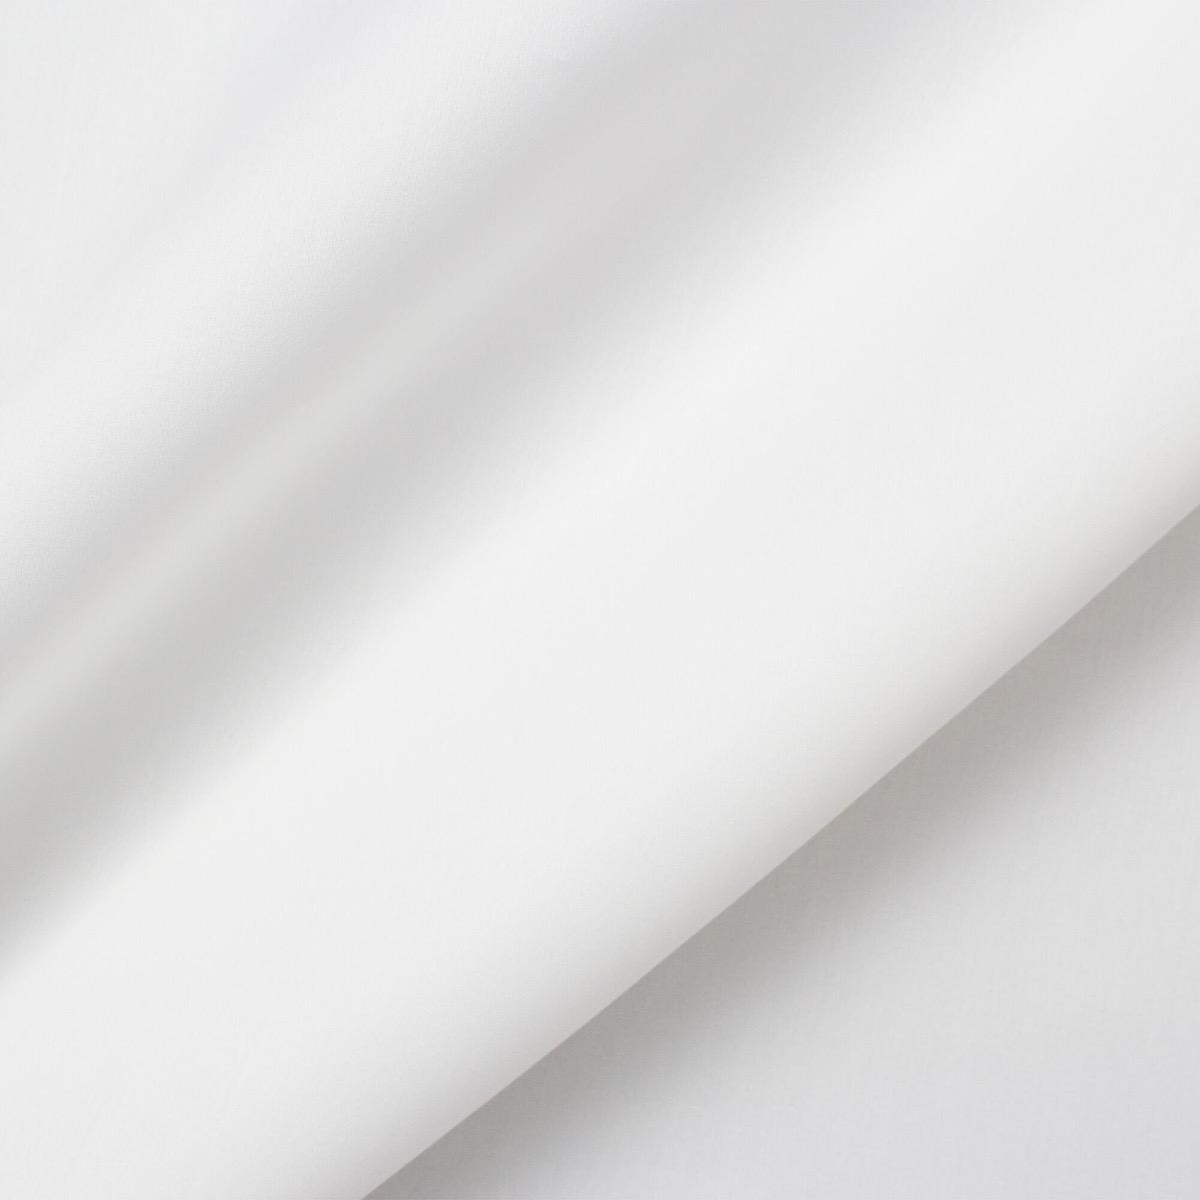 Off White Double Silk Organza